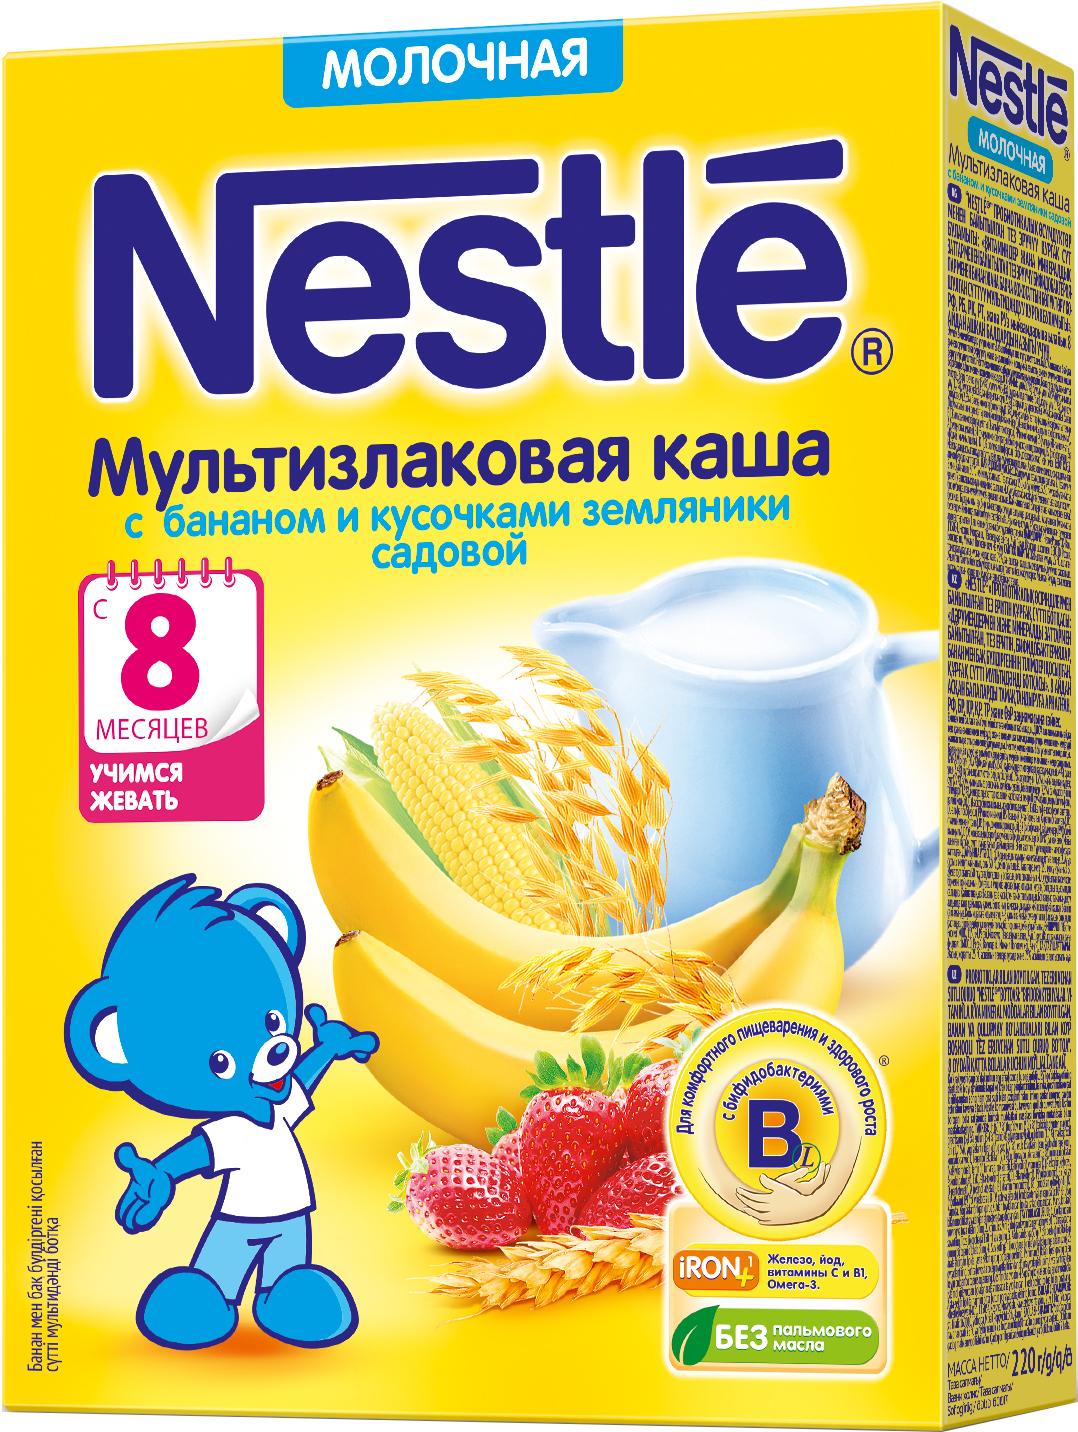 Каша Nestle Nestlé Молочная мультизлаковая с бананом и земляникой (с 8 месяцев) 220 г